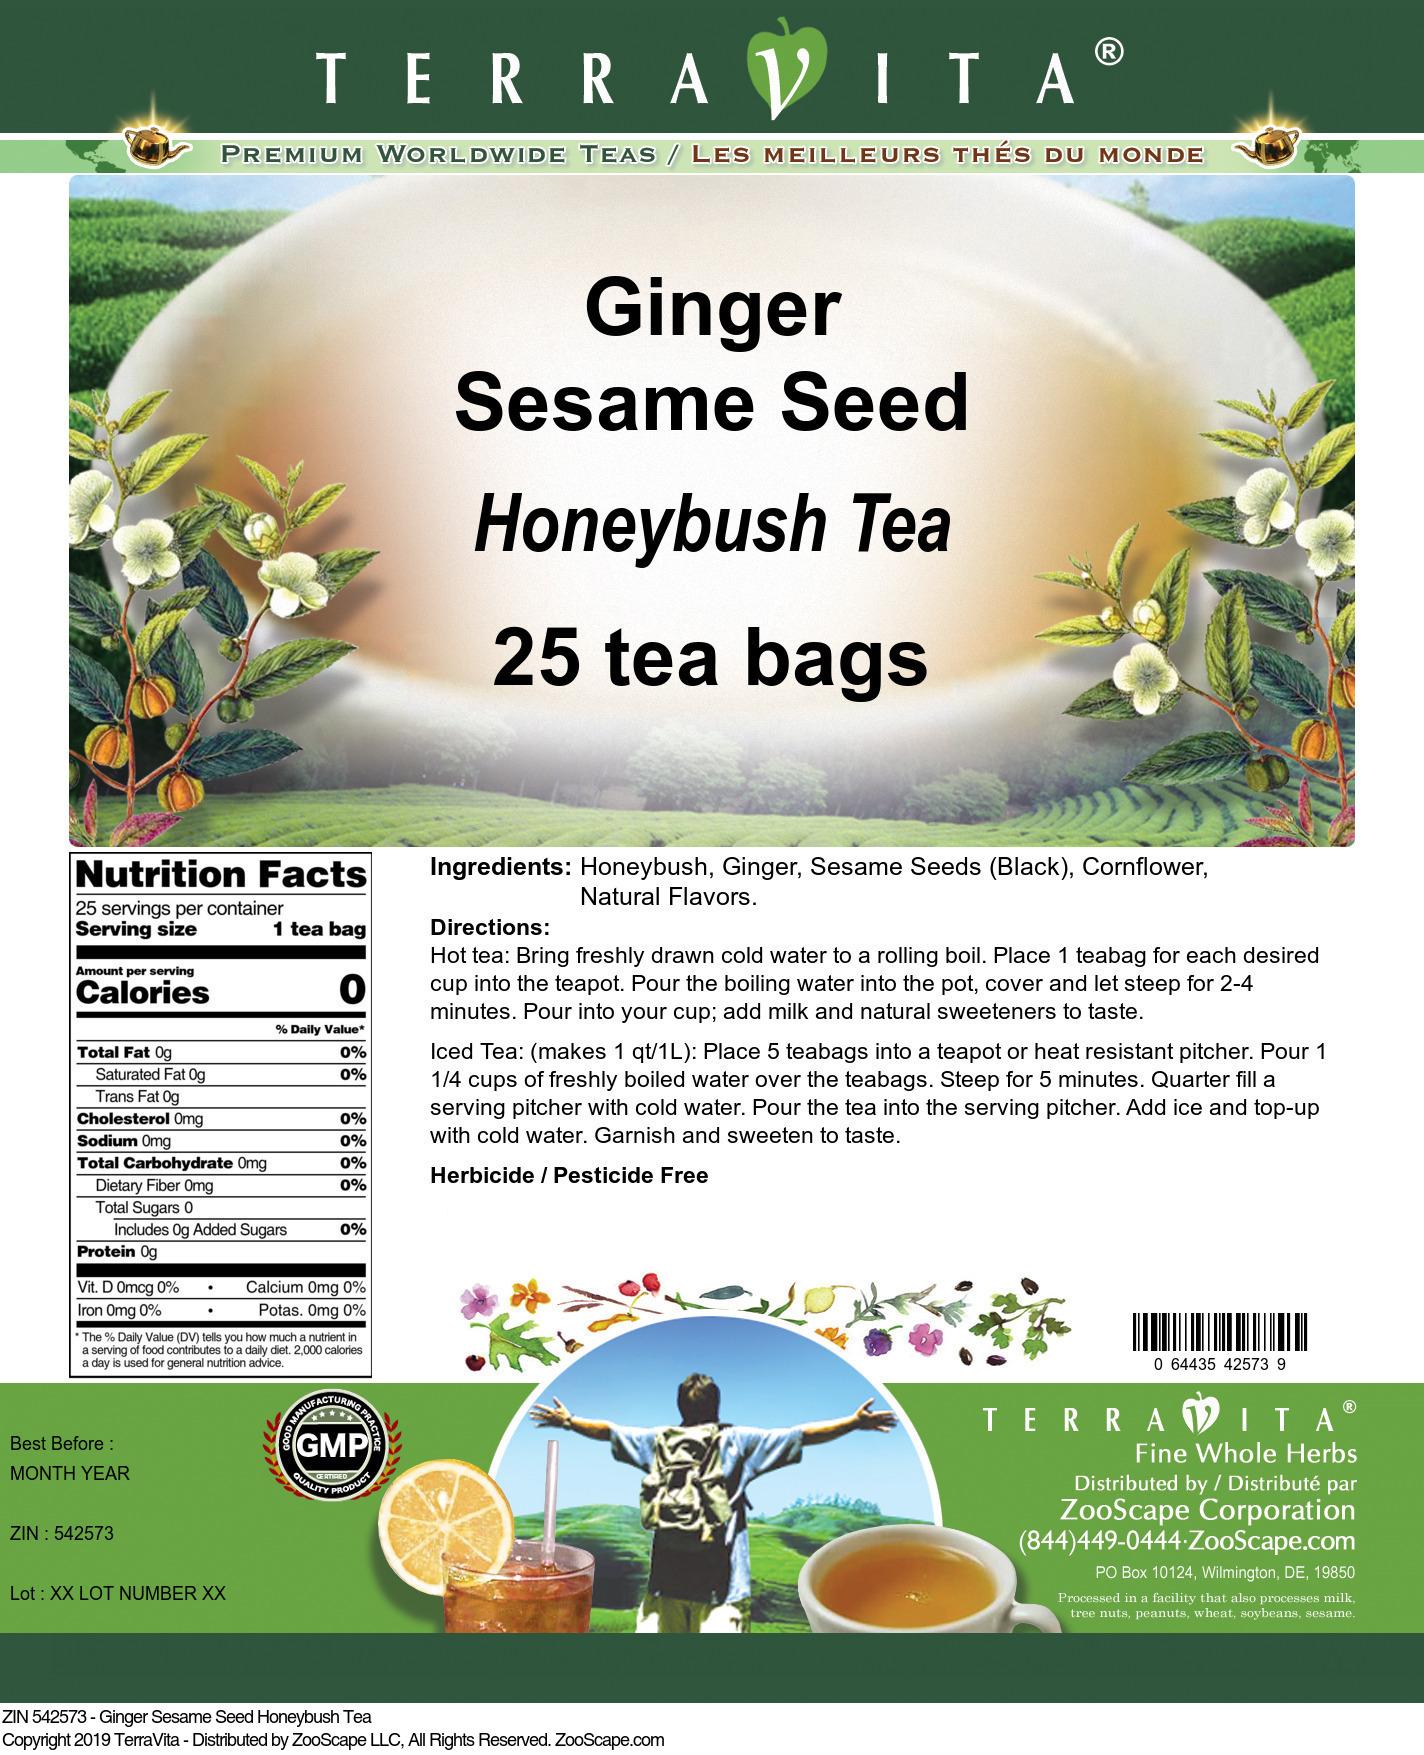 Ginger Sesame Seed Honeybush Tea